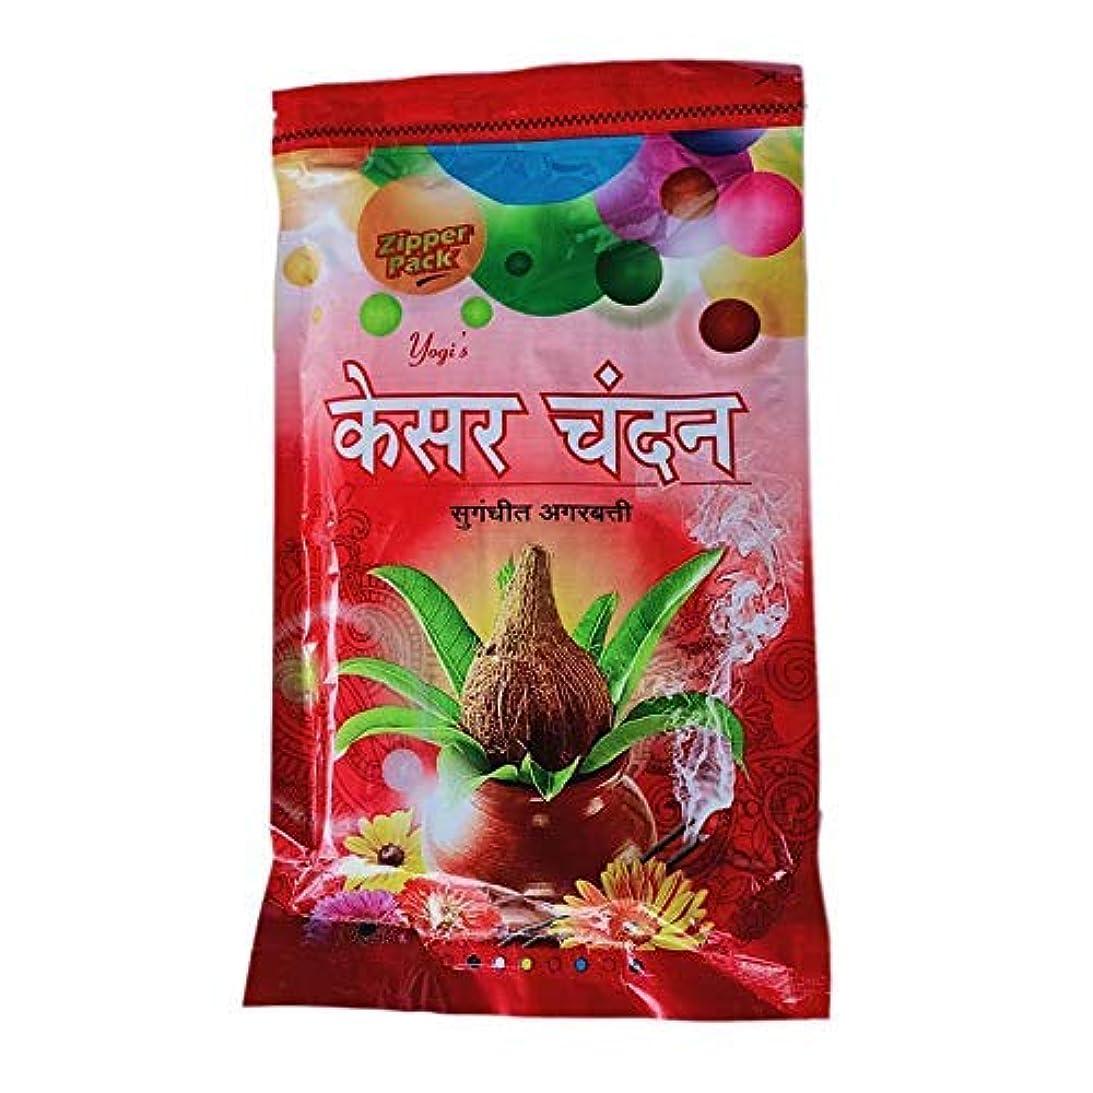 面積フロントカナダYOGI Keshar Chandan Incense Sticks/Agarbatti Zipper Pack (180 GM) Pack of 3